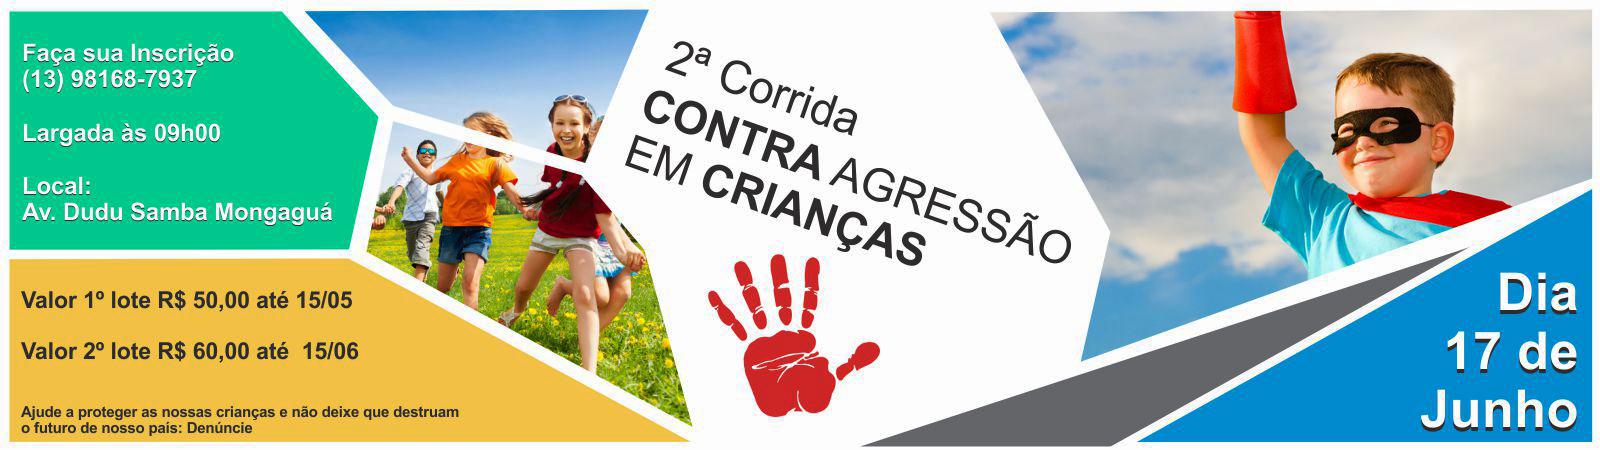 CORRIDA E CAMINHADA - CONTRA AGRESSÃO EM CRIANÇAS - Imagem de topo